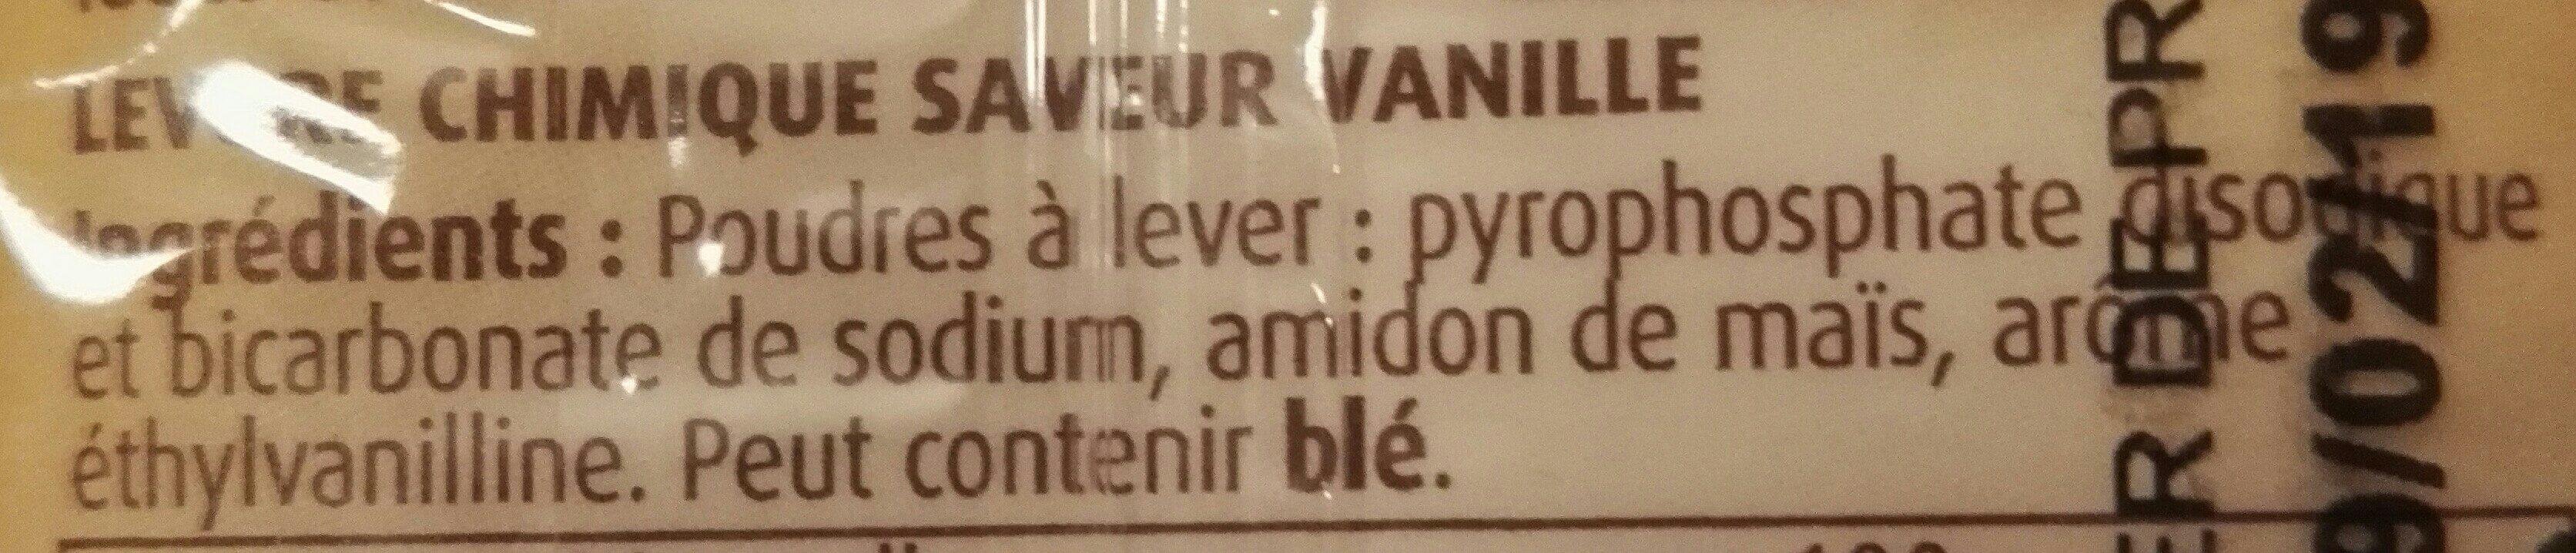 Levure chimique saveur vanille Vahiné - Ingredienti - fr